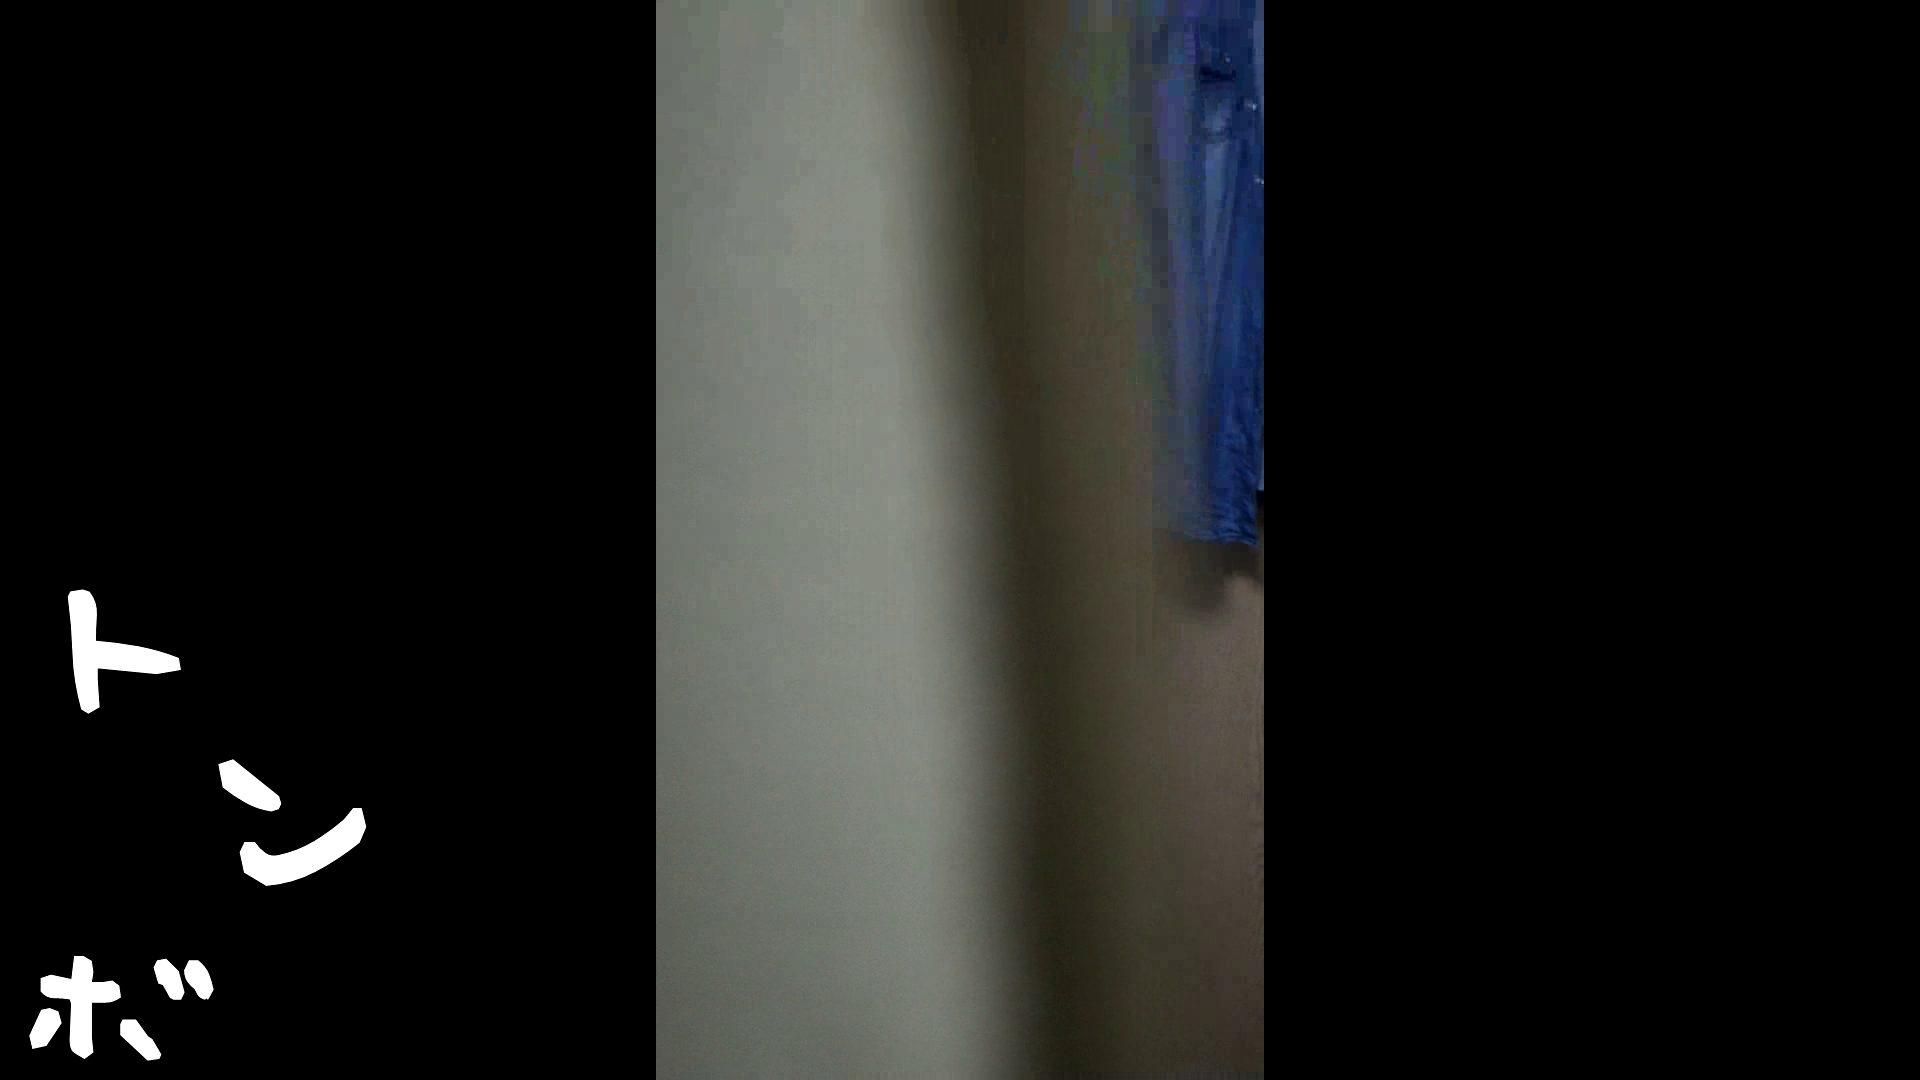 リアル盗撮 北欧留学生一人暮らし部屋ヌード 美女達のヌード   盗撮エロすぎ  102連発 12